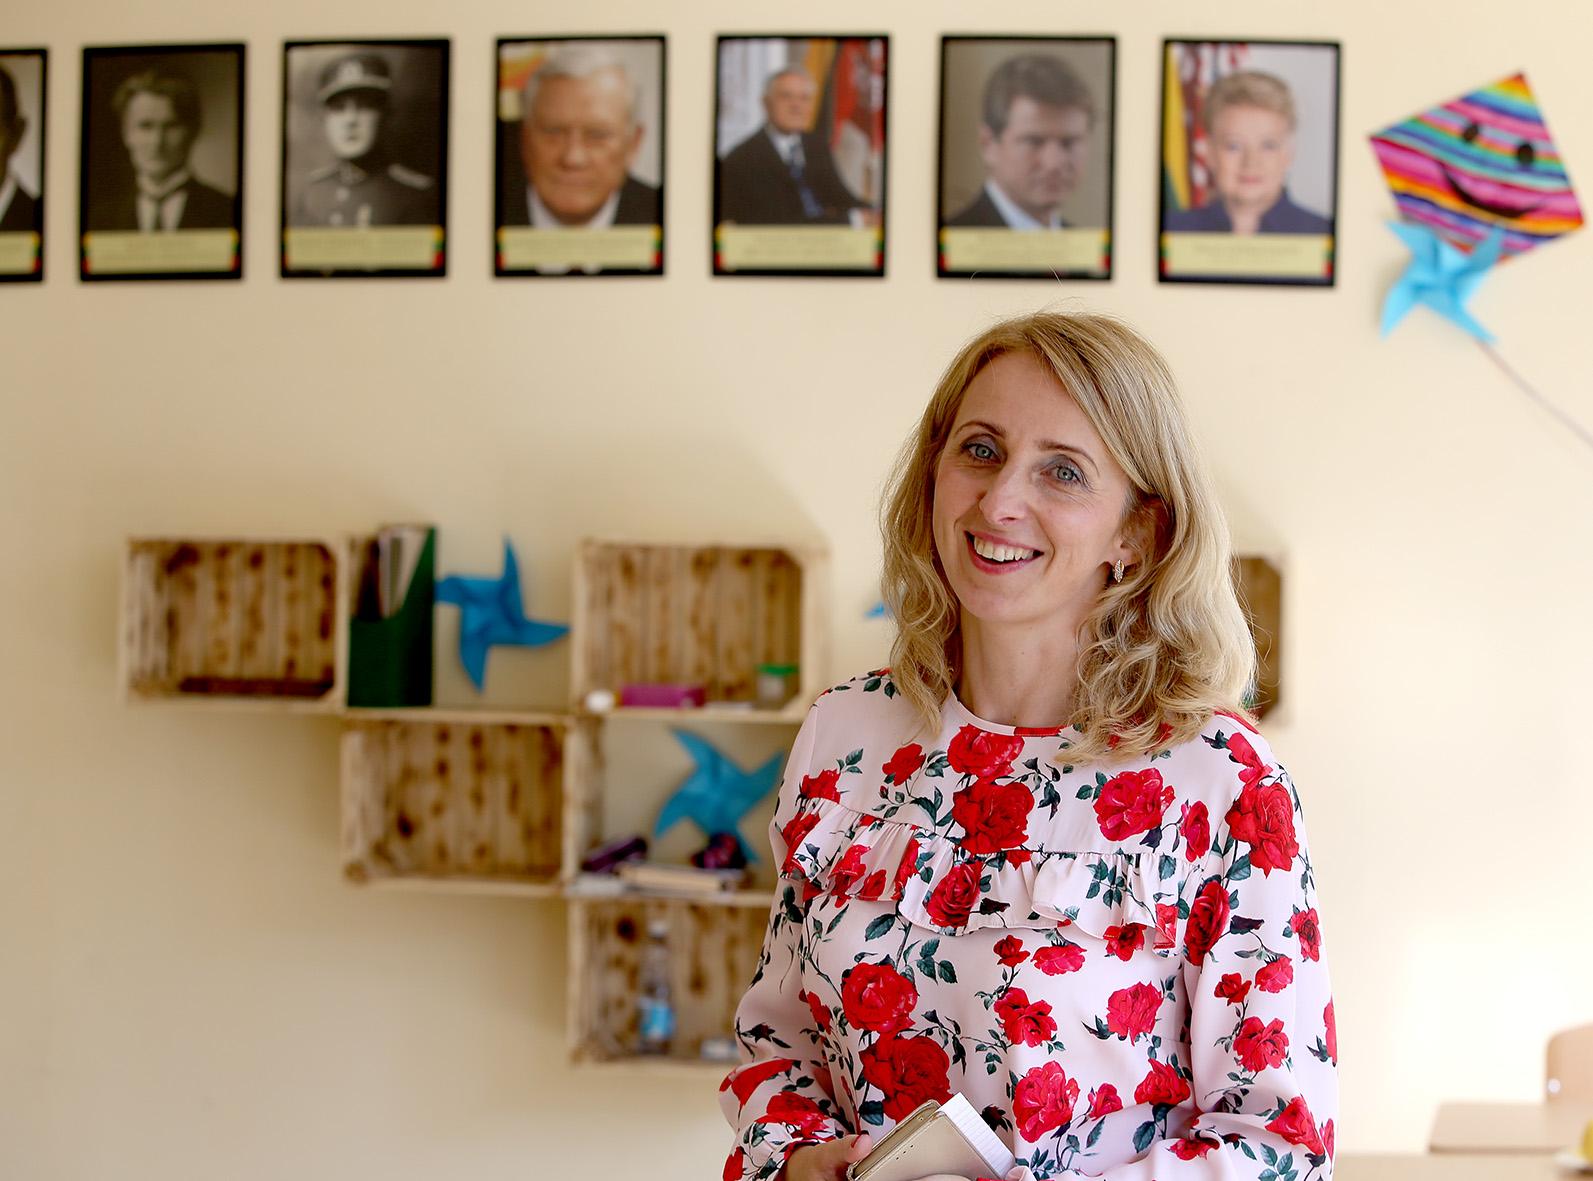 """Sandra Kavaliauskienė: """"Požiūris – labai svarbu. Į problemas žiūriu kaip į iššūkį, kuris reikalauja valios ir pastangų."""" Algimanto Barzdžiaus nuotr."""